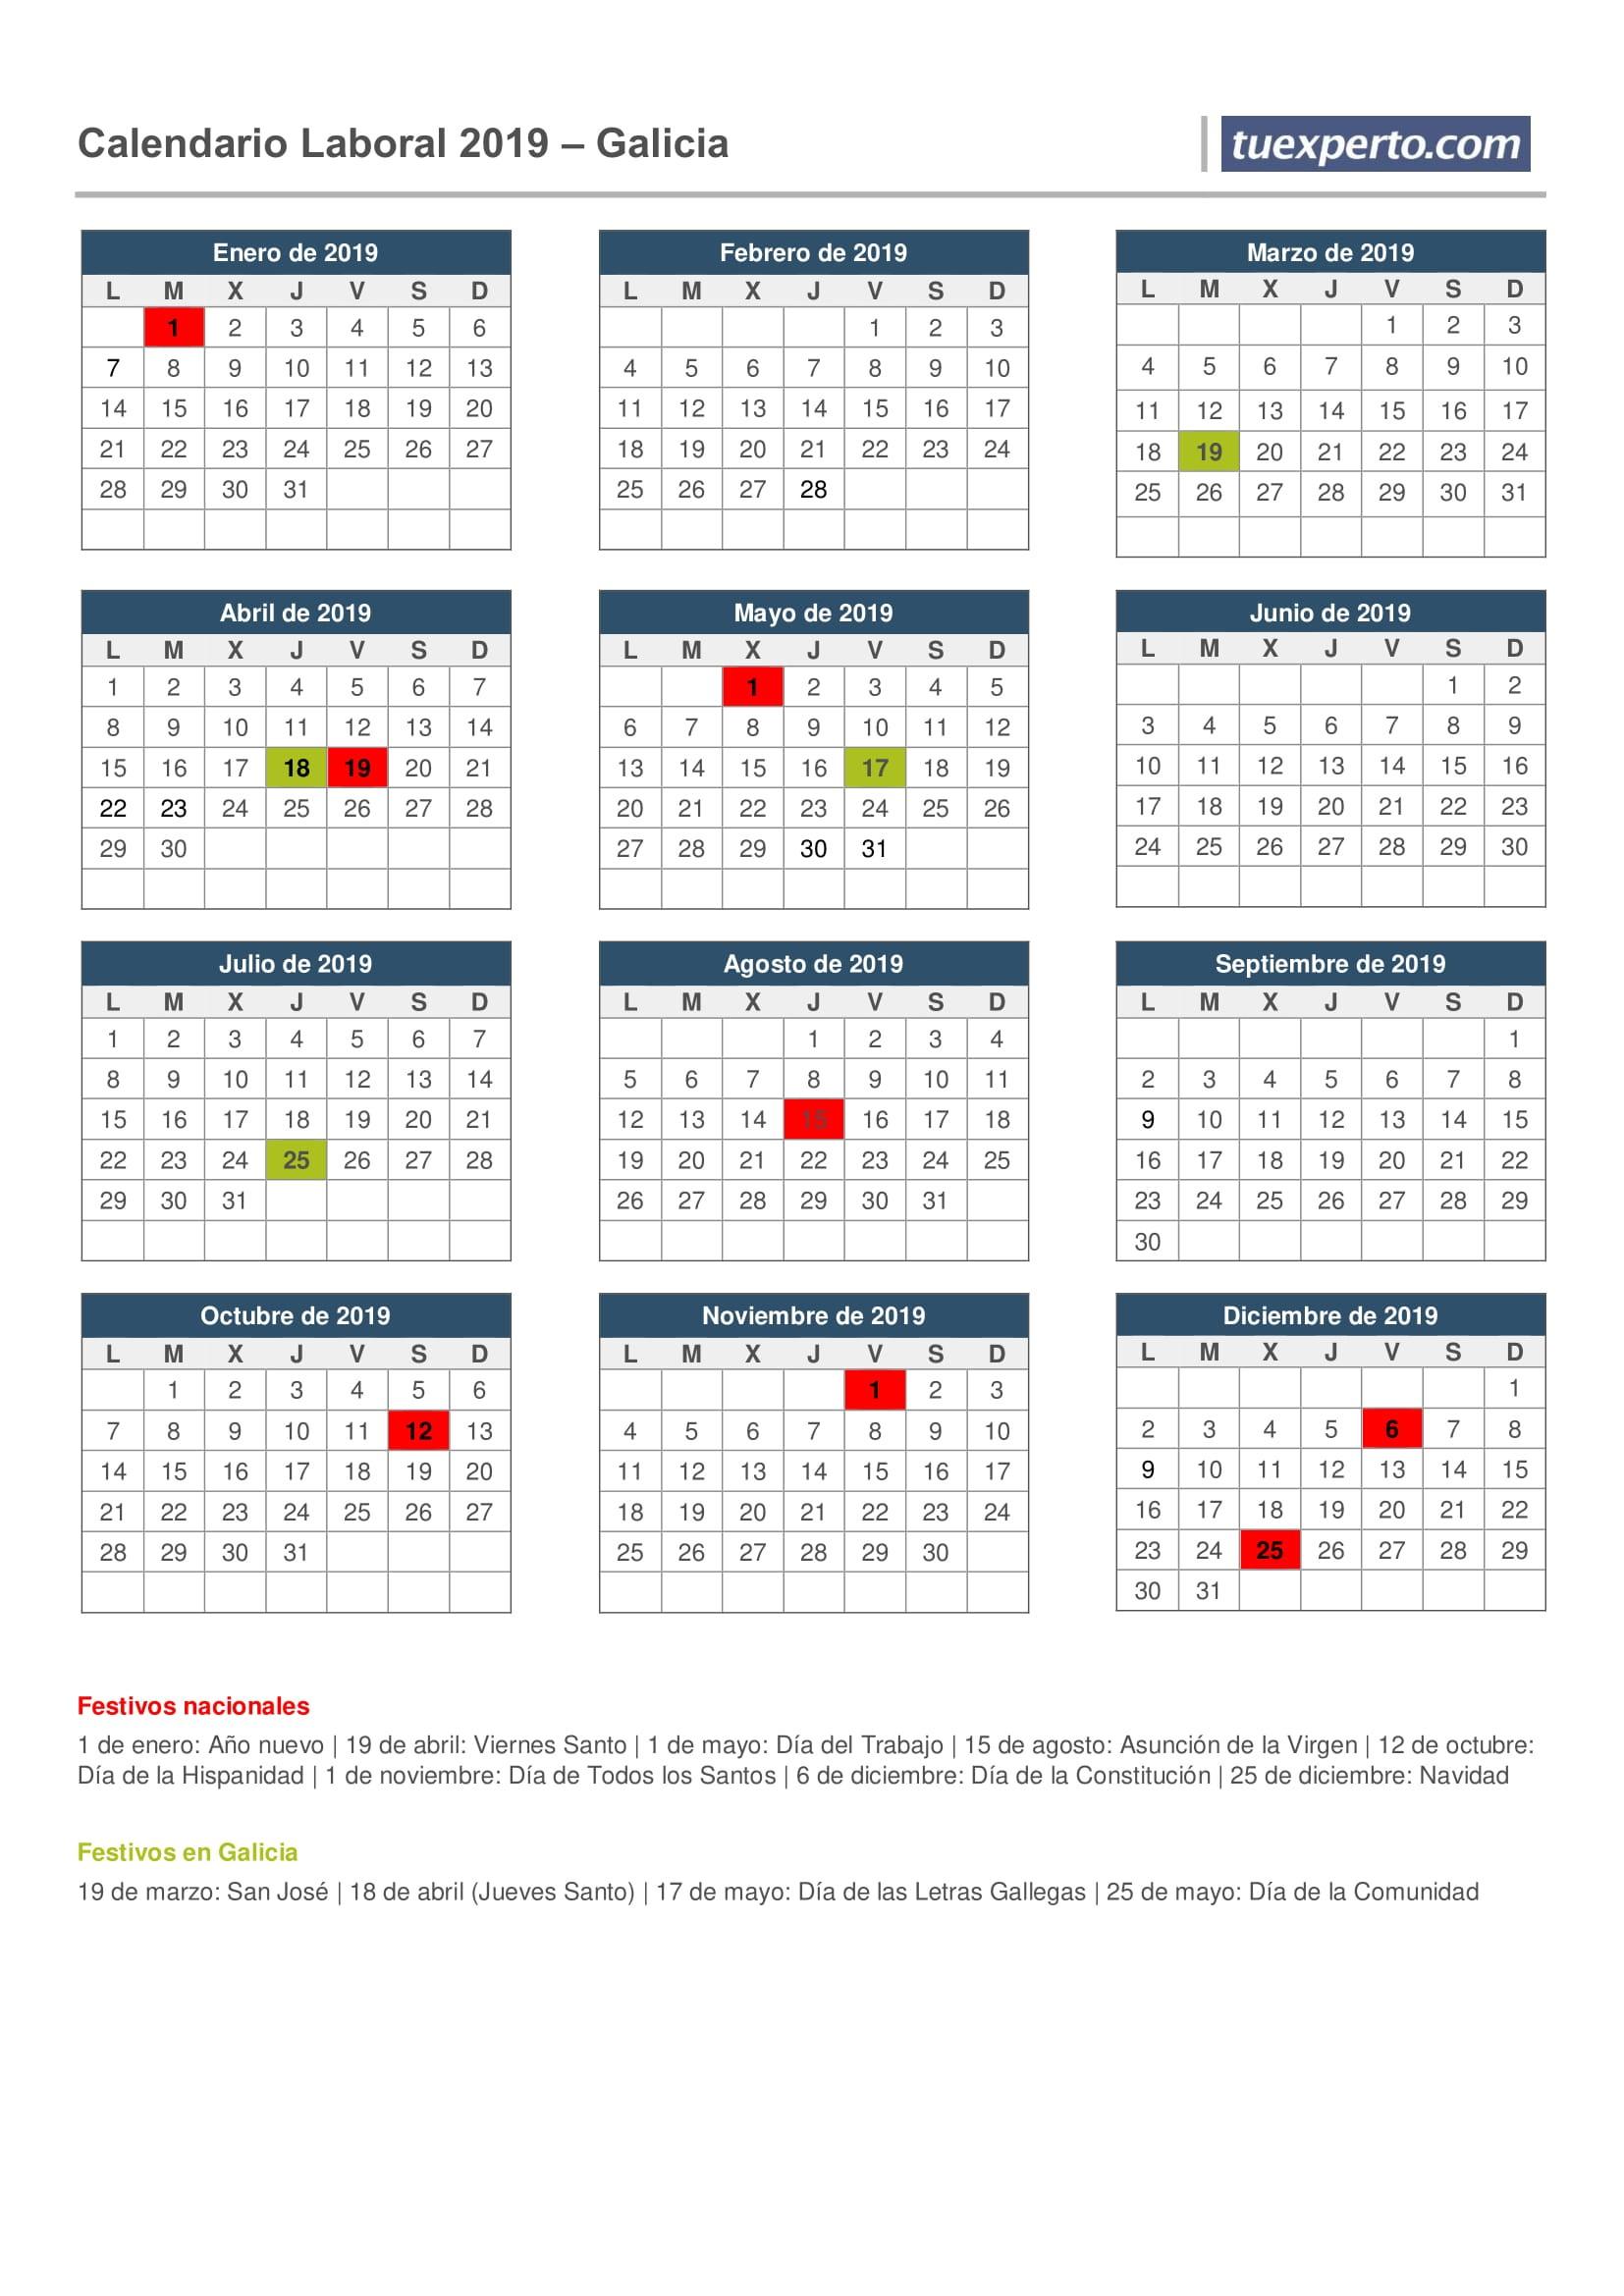 Calendario de vacaciones de plantillas para descargar 1654x2339 Puentes galicia festivo calendario 201